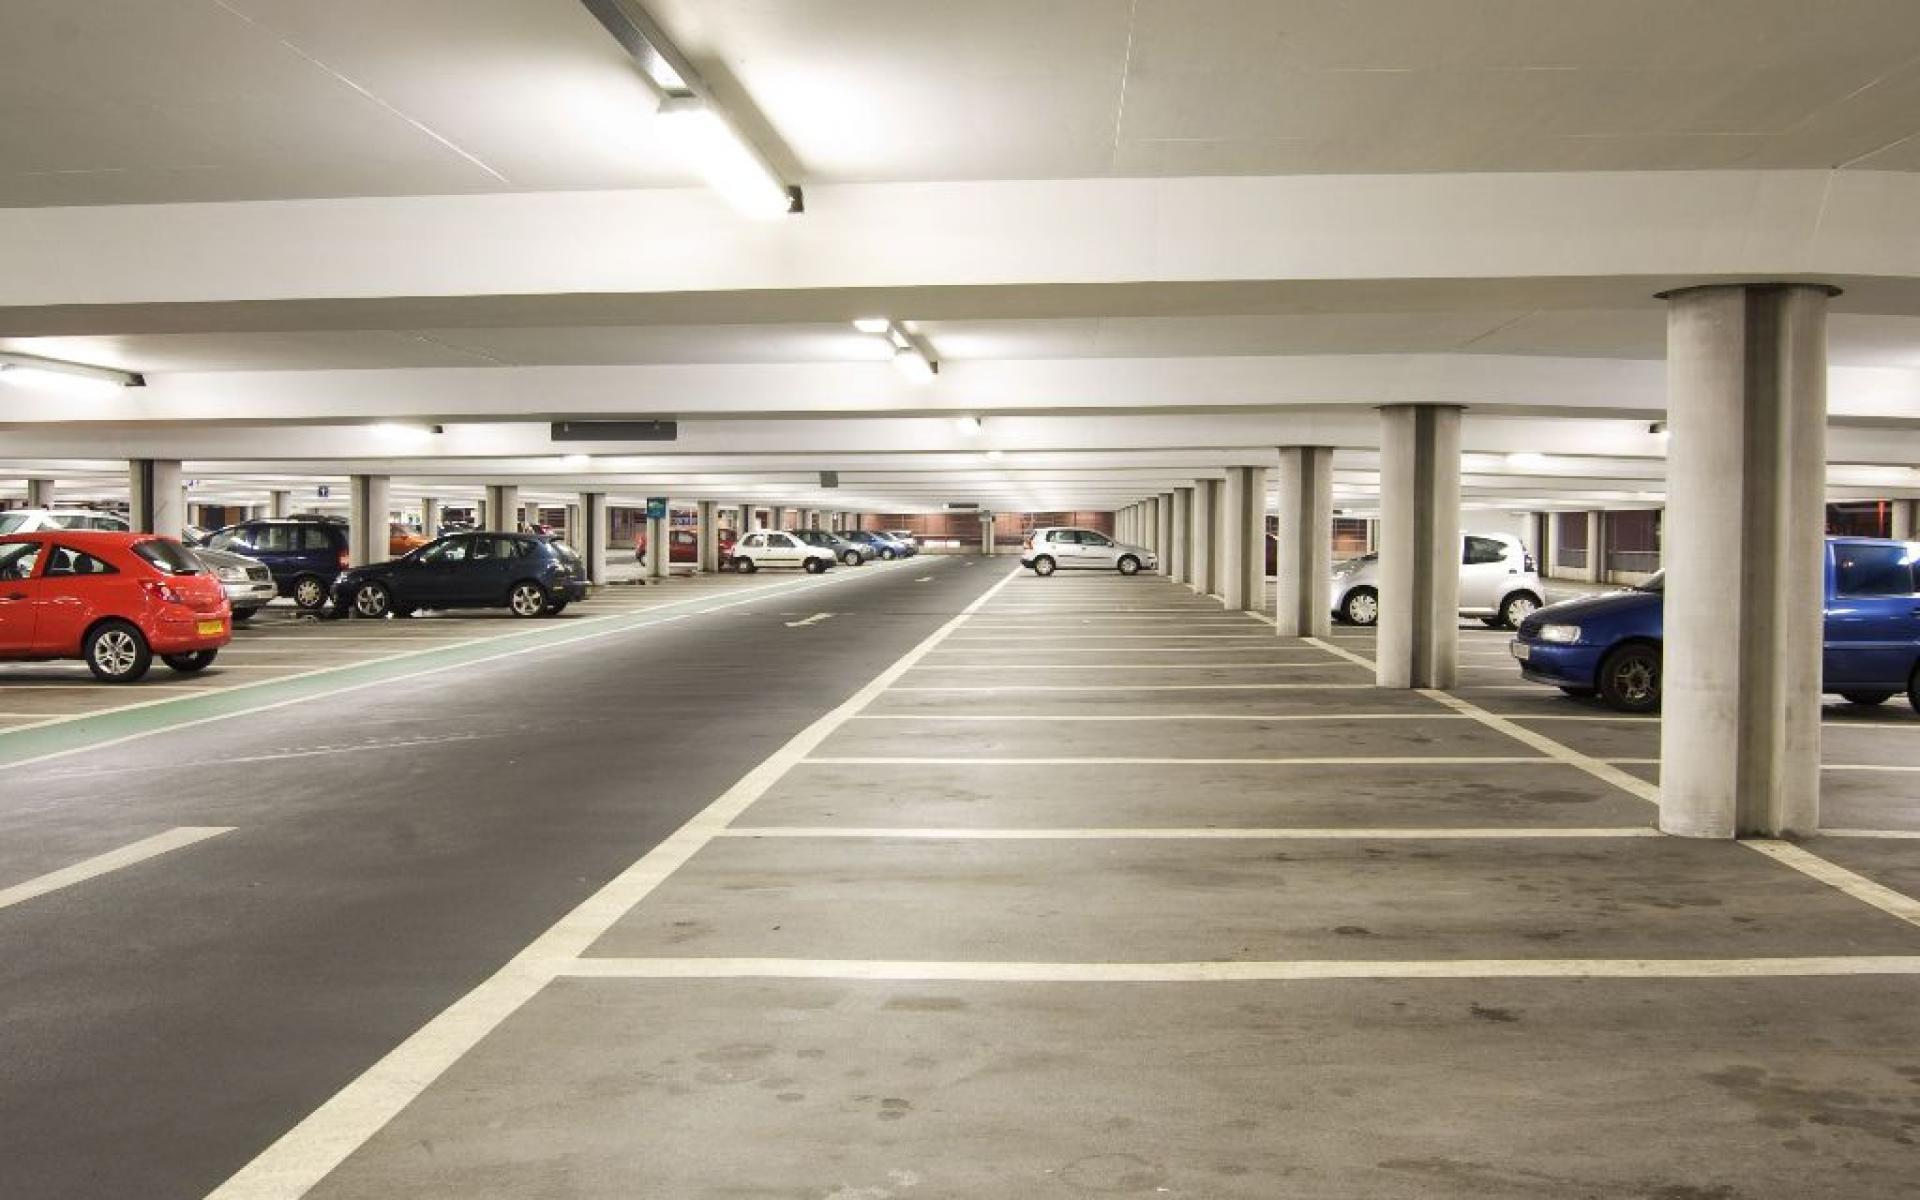 Location parking strasbourg : problèmes de place résolus